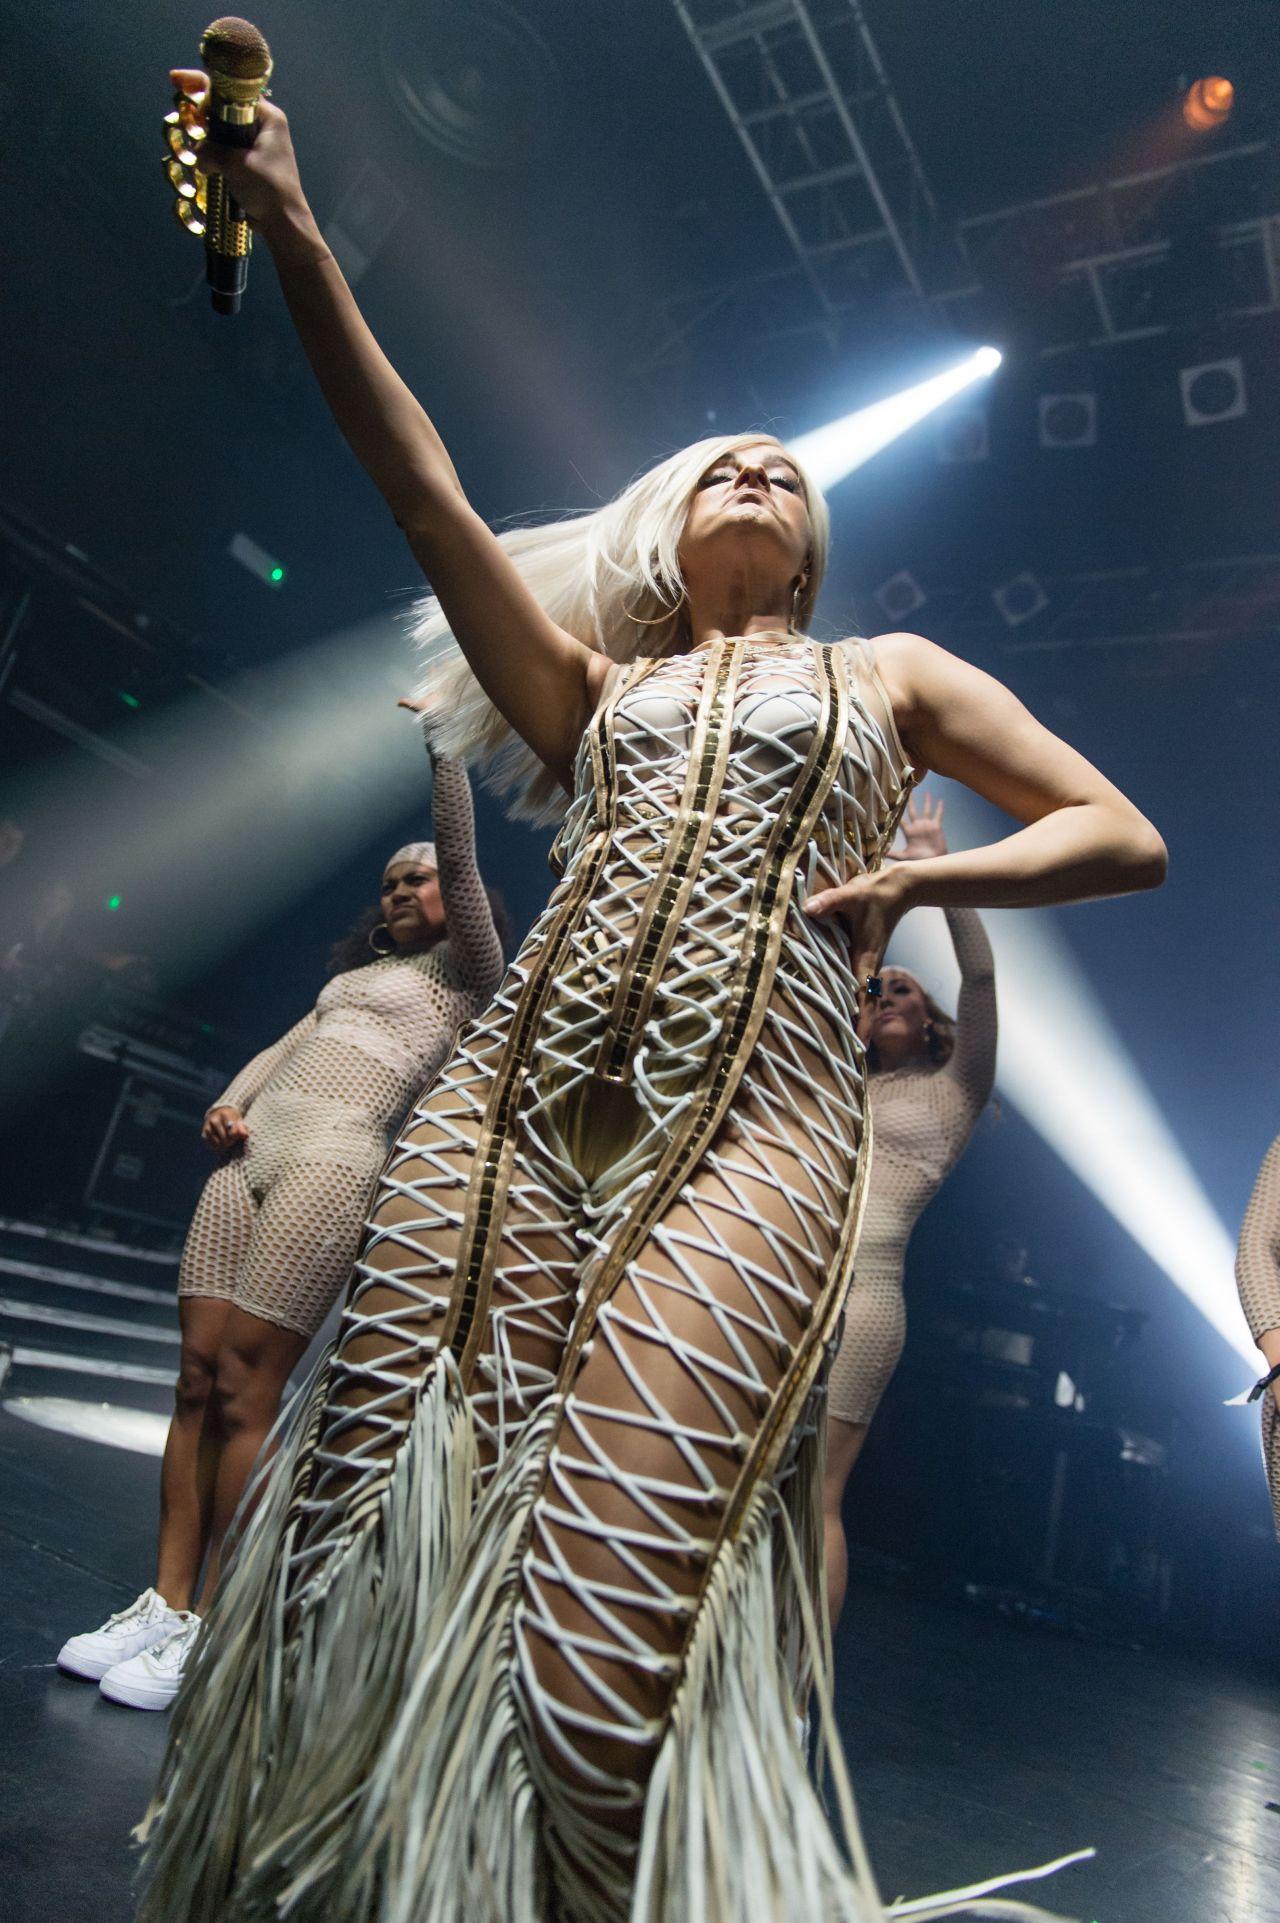 Bebe Rexha In Concert At Koko London 05 18 2017